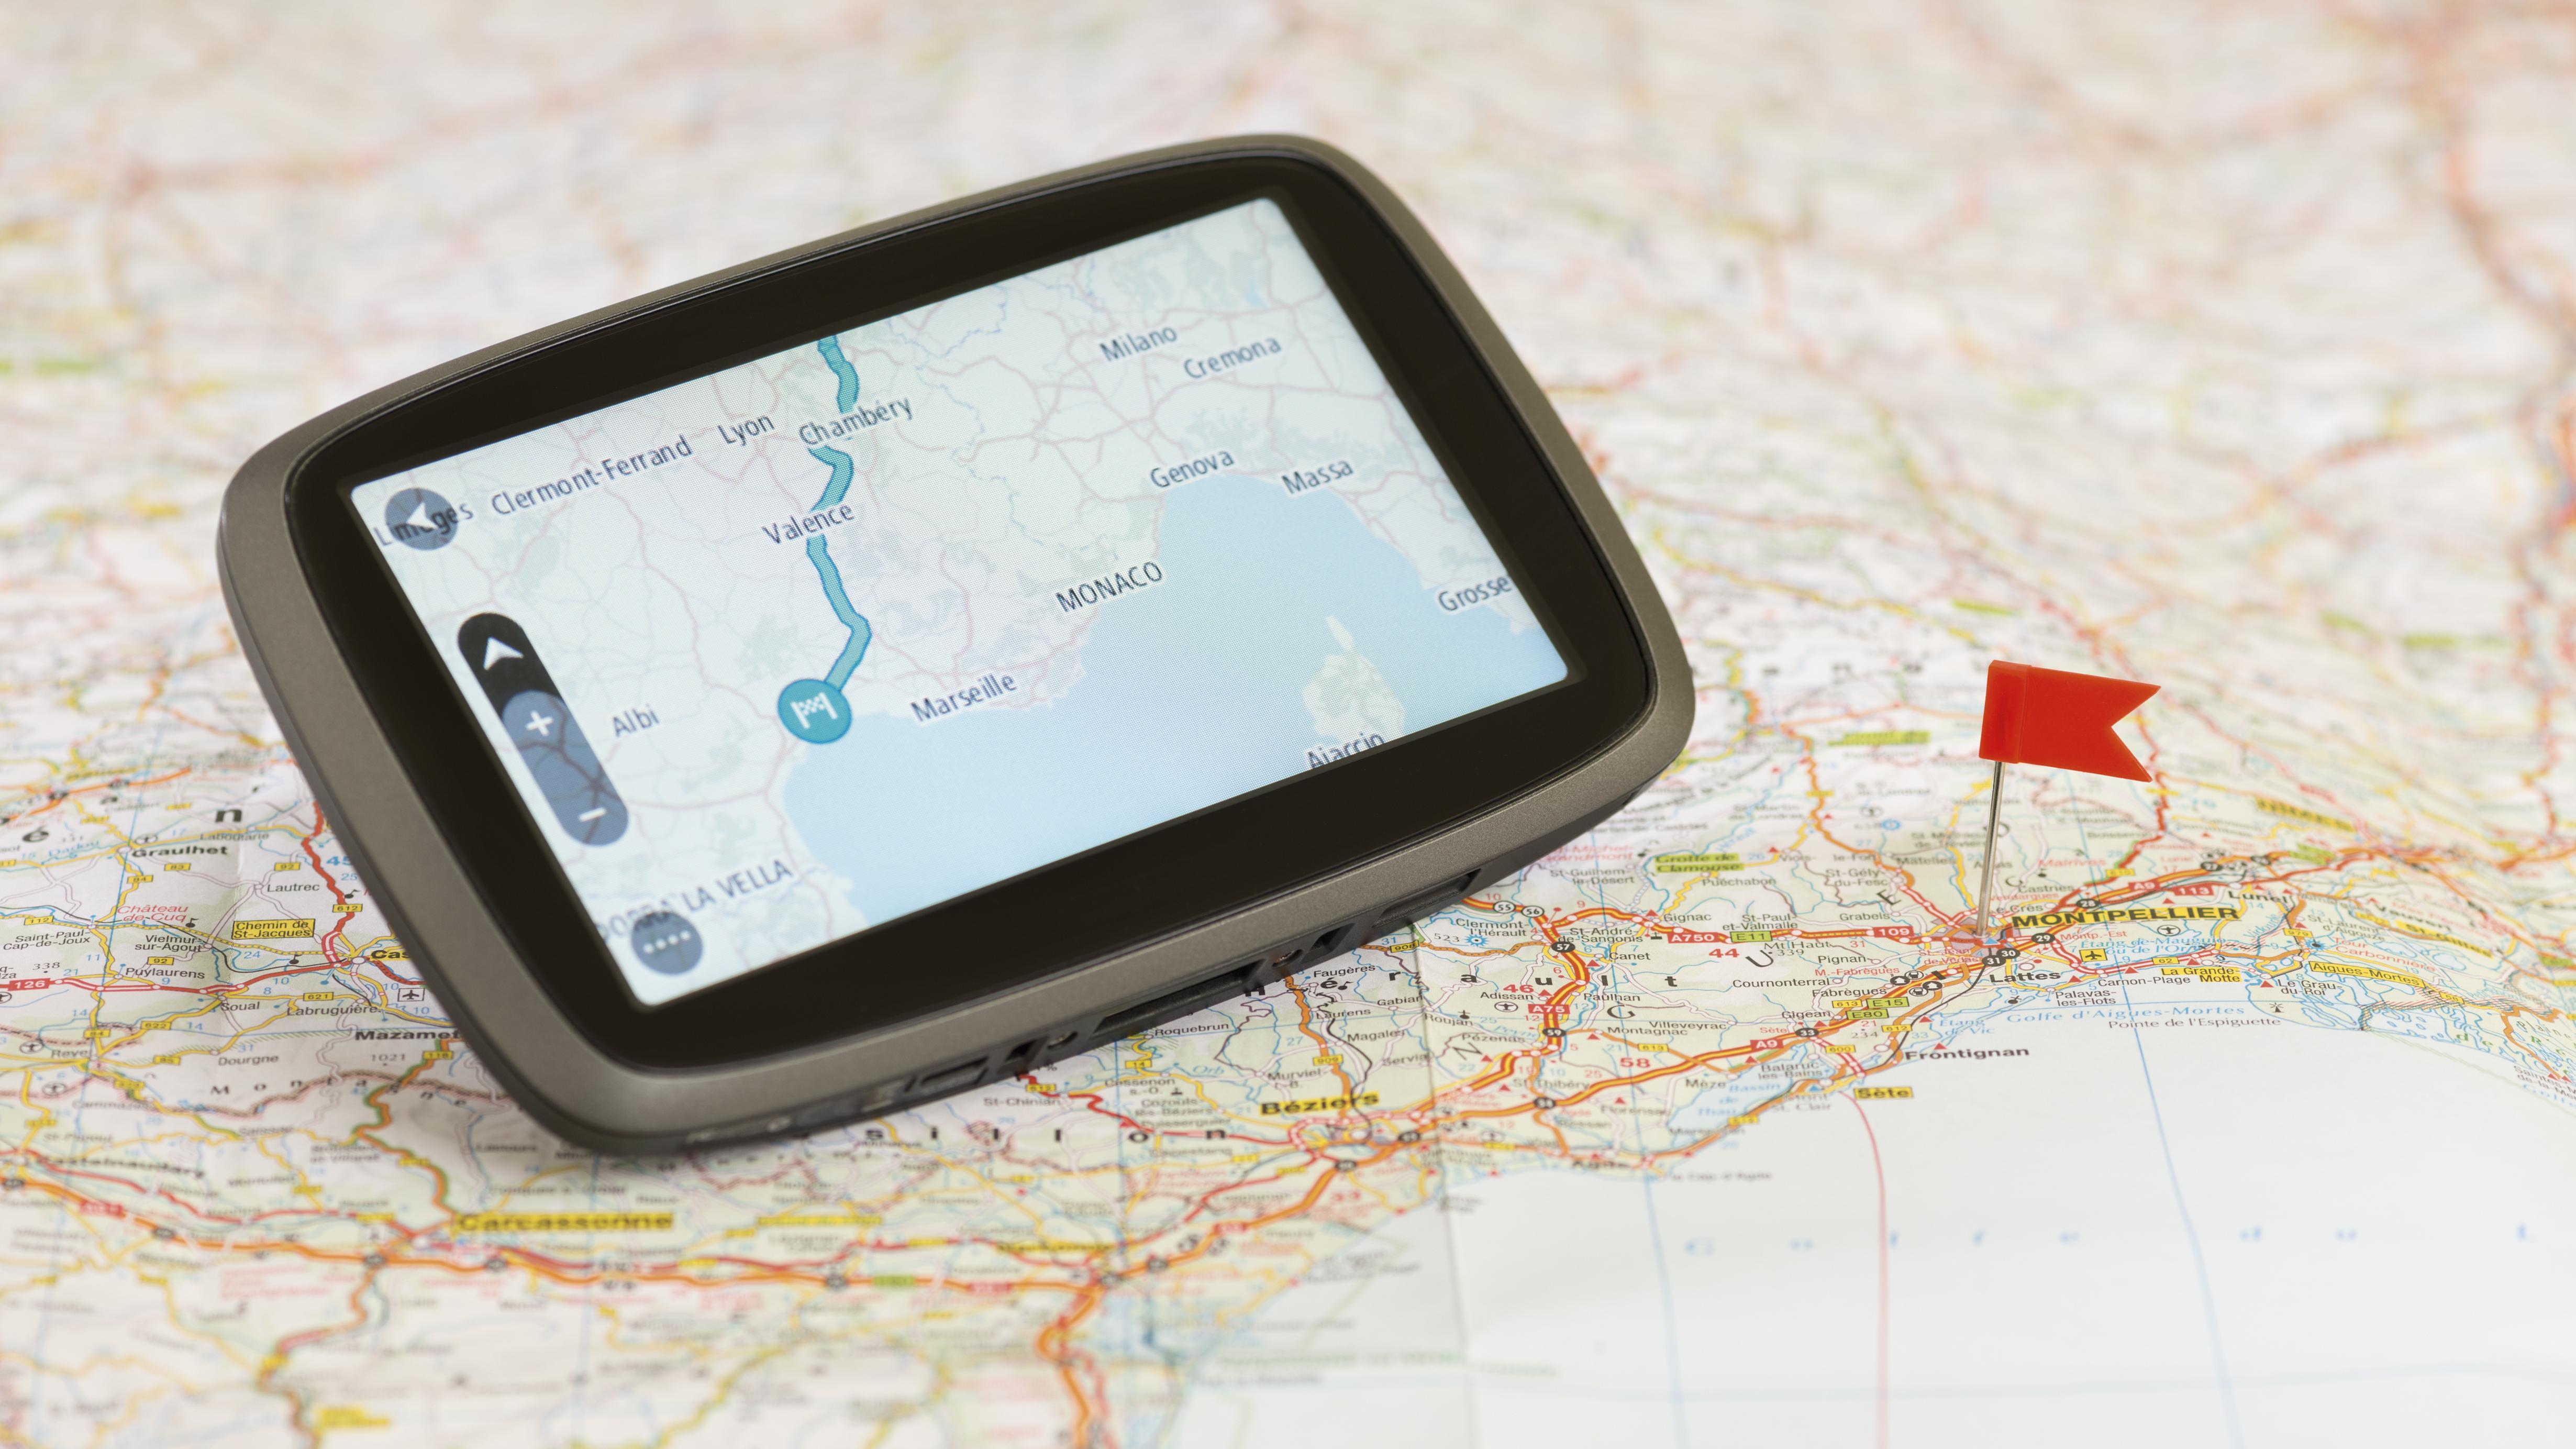 Ein Navigationsgerät liegt auf einer Landkarte